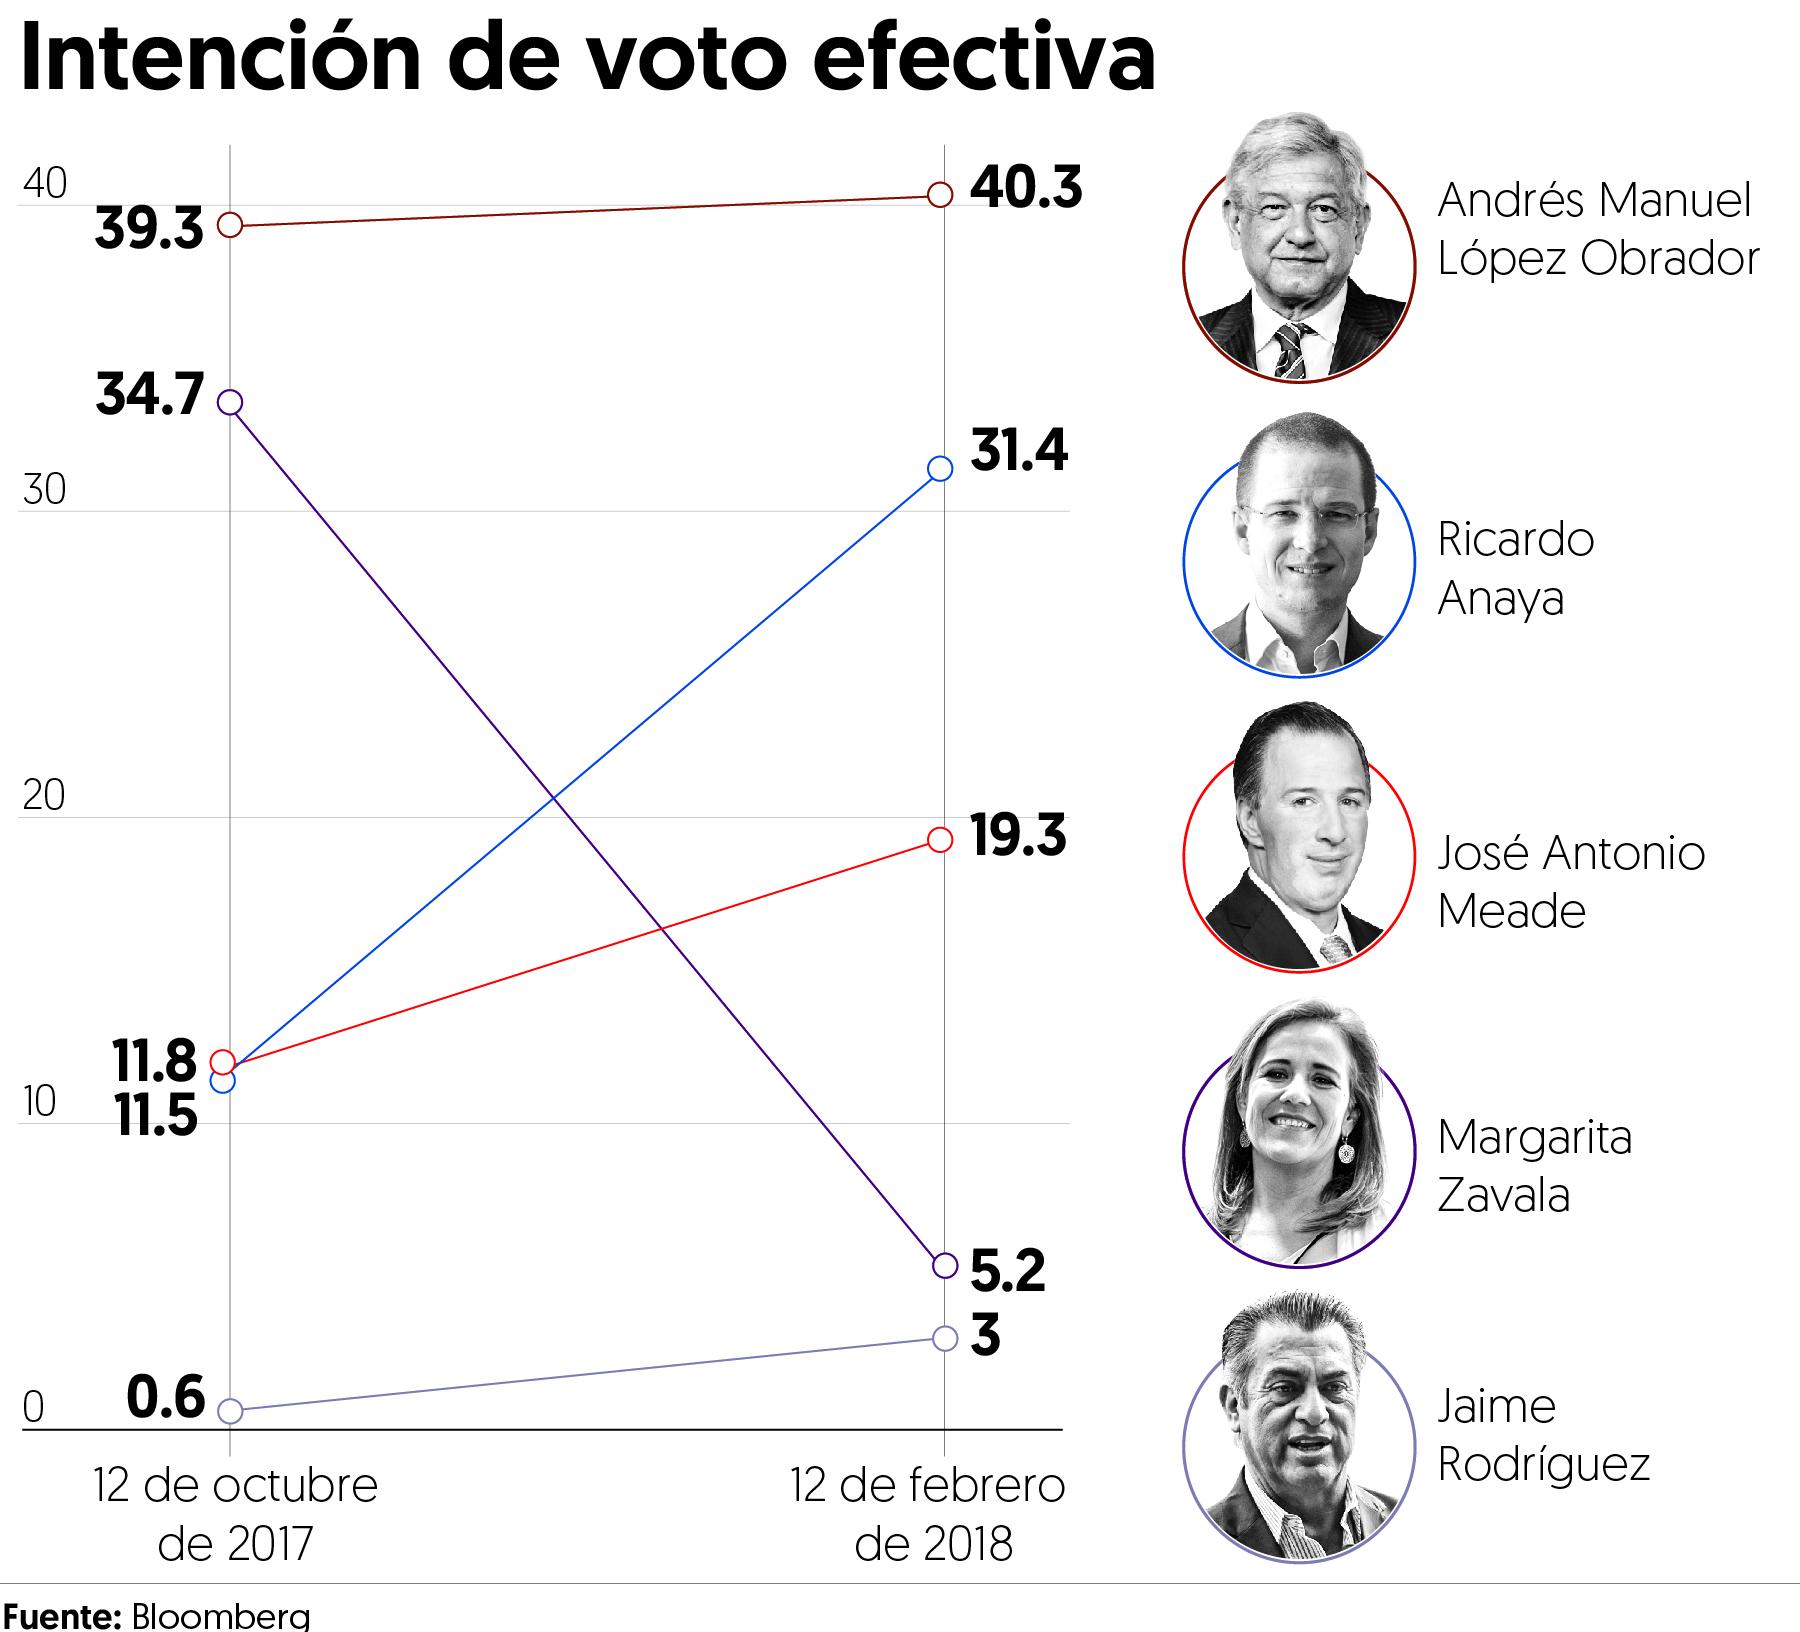 AMLO con el 40.3% de la intención del voto; Meade atrás a 21% de distancia: Bloomberg